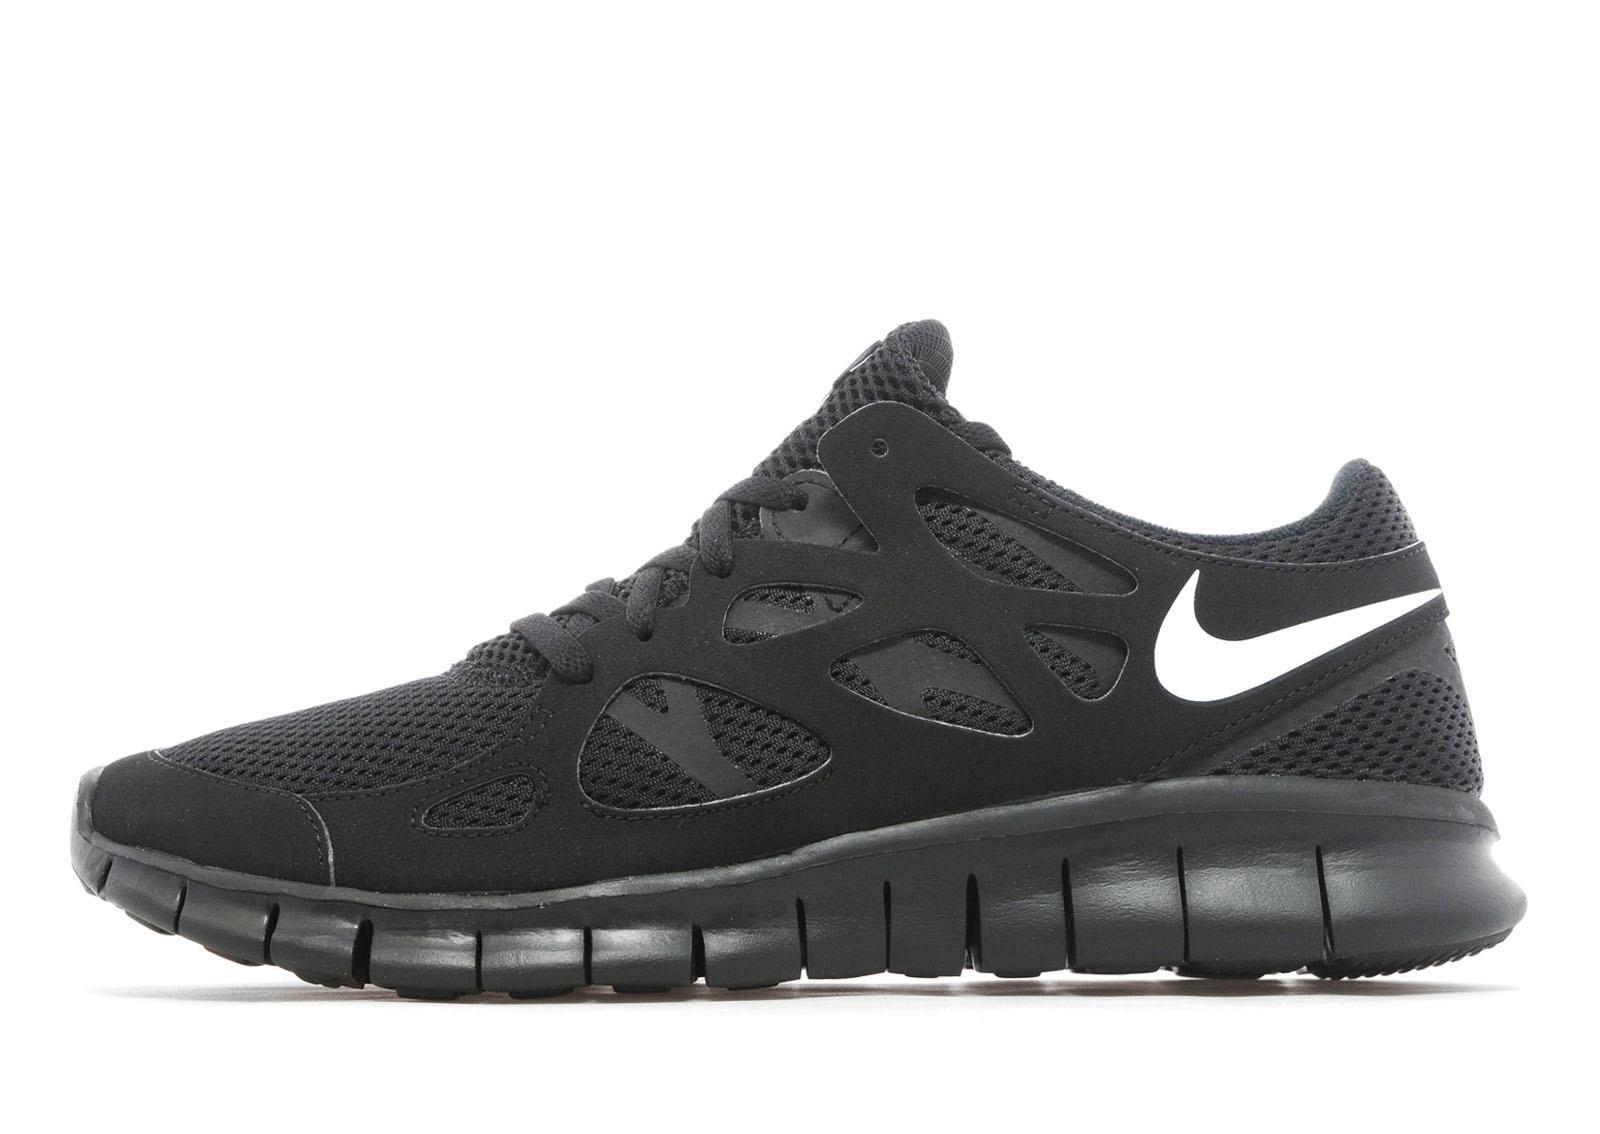 prix livraison gratuite Nike Free Run 2 Hommes Costumes Bon Marché Footaction rabais nsEAbXoct